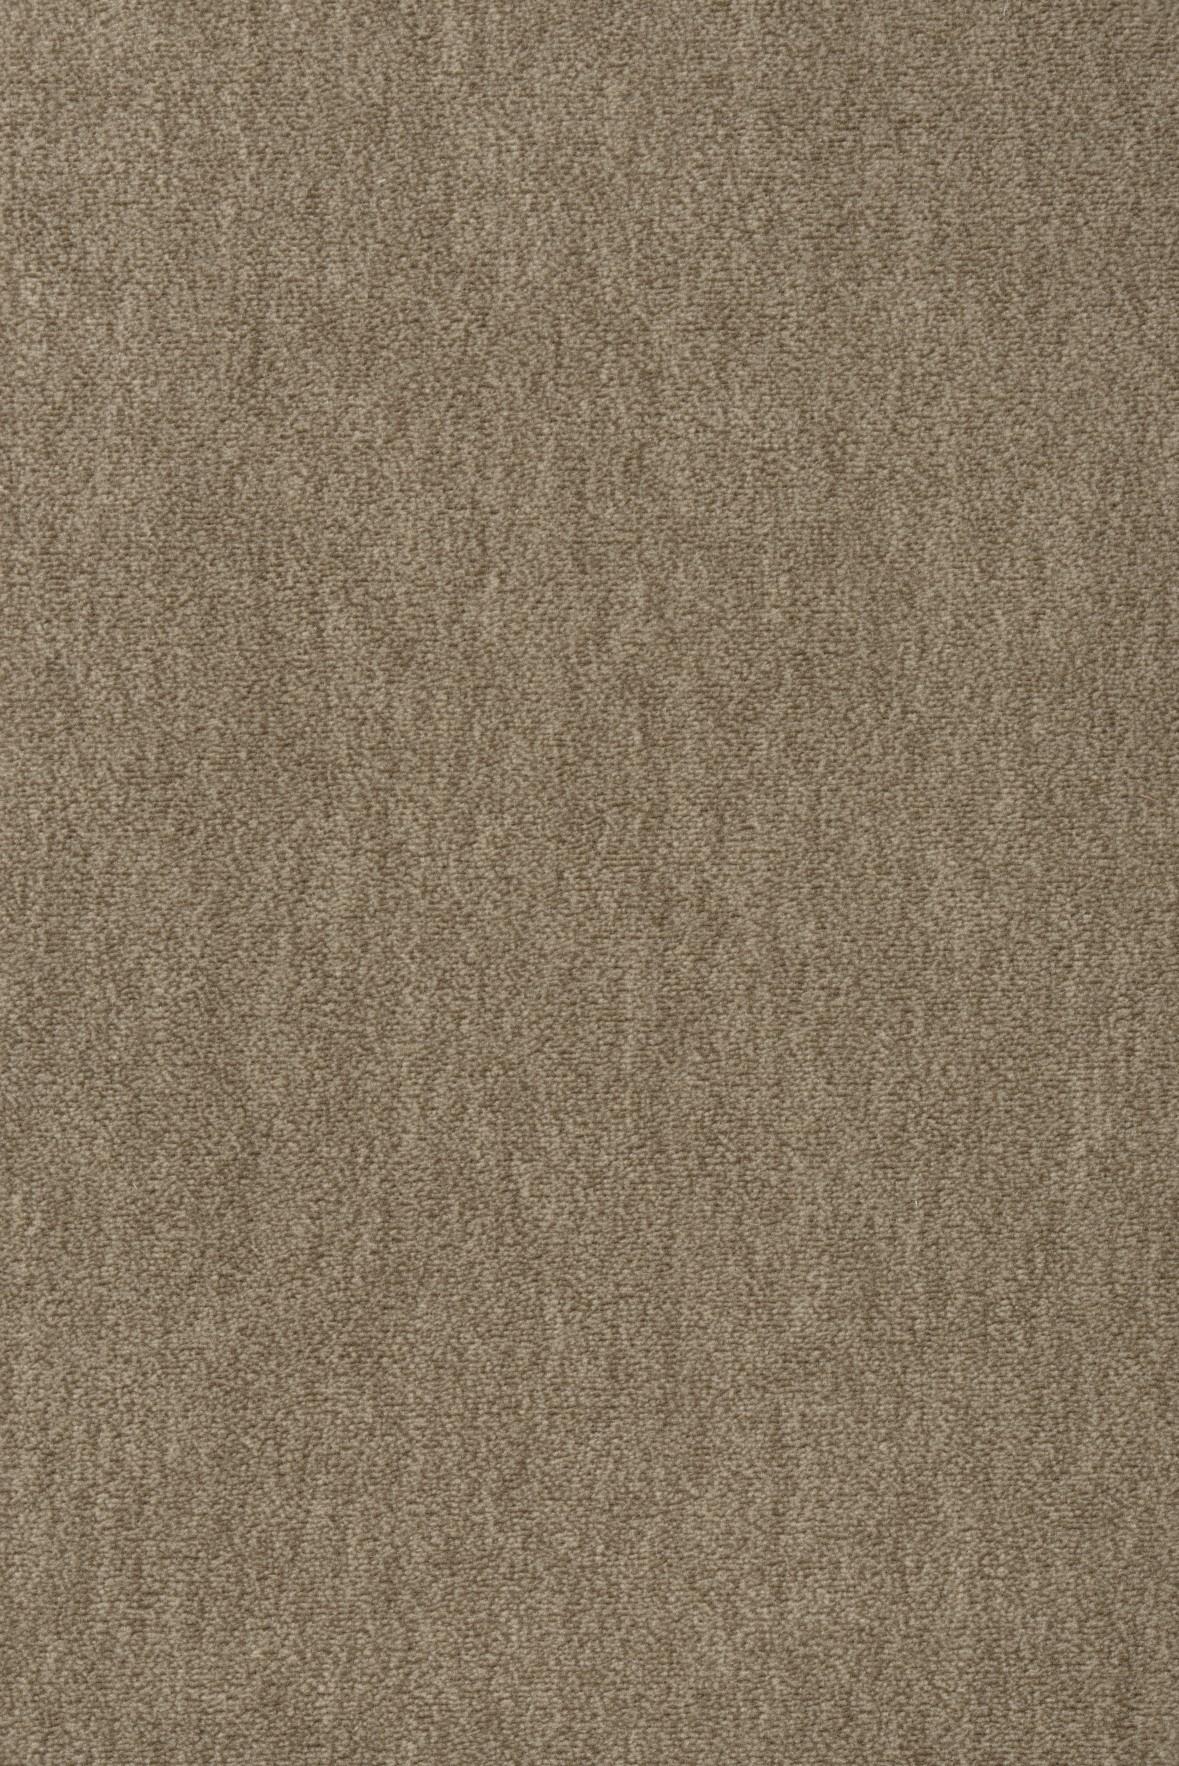 vorwerk teppich passion 1002 7e60 room up online. Black Bedroom Furniture Sets. Home Design Ideas